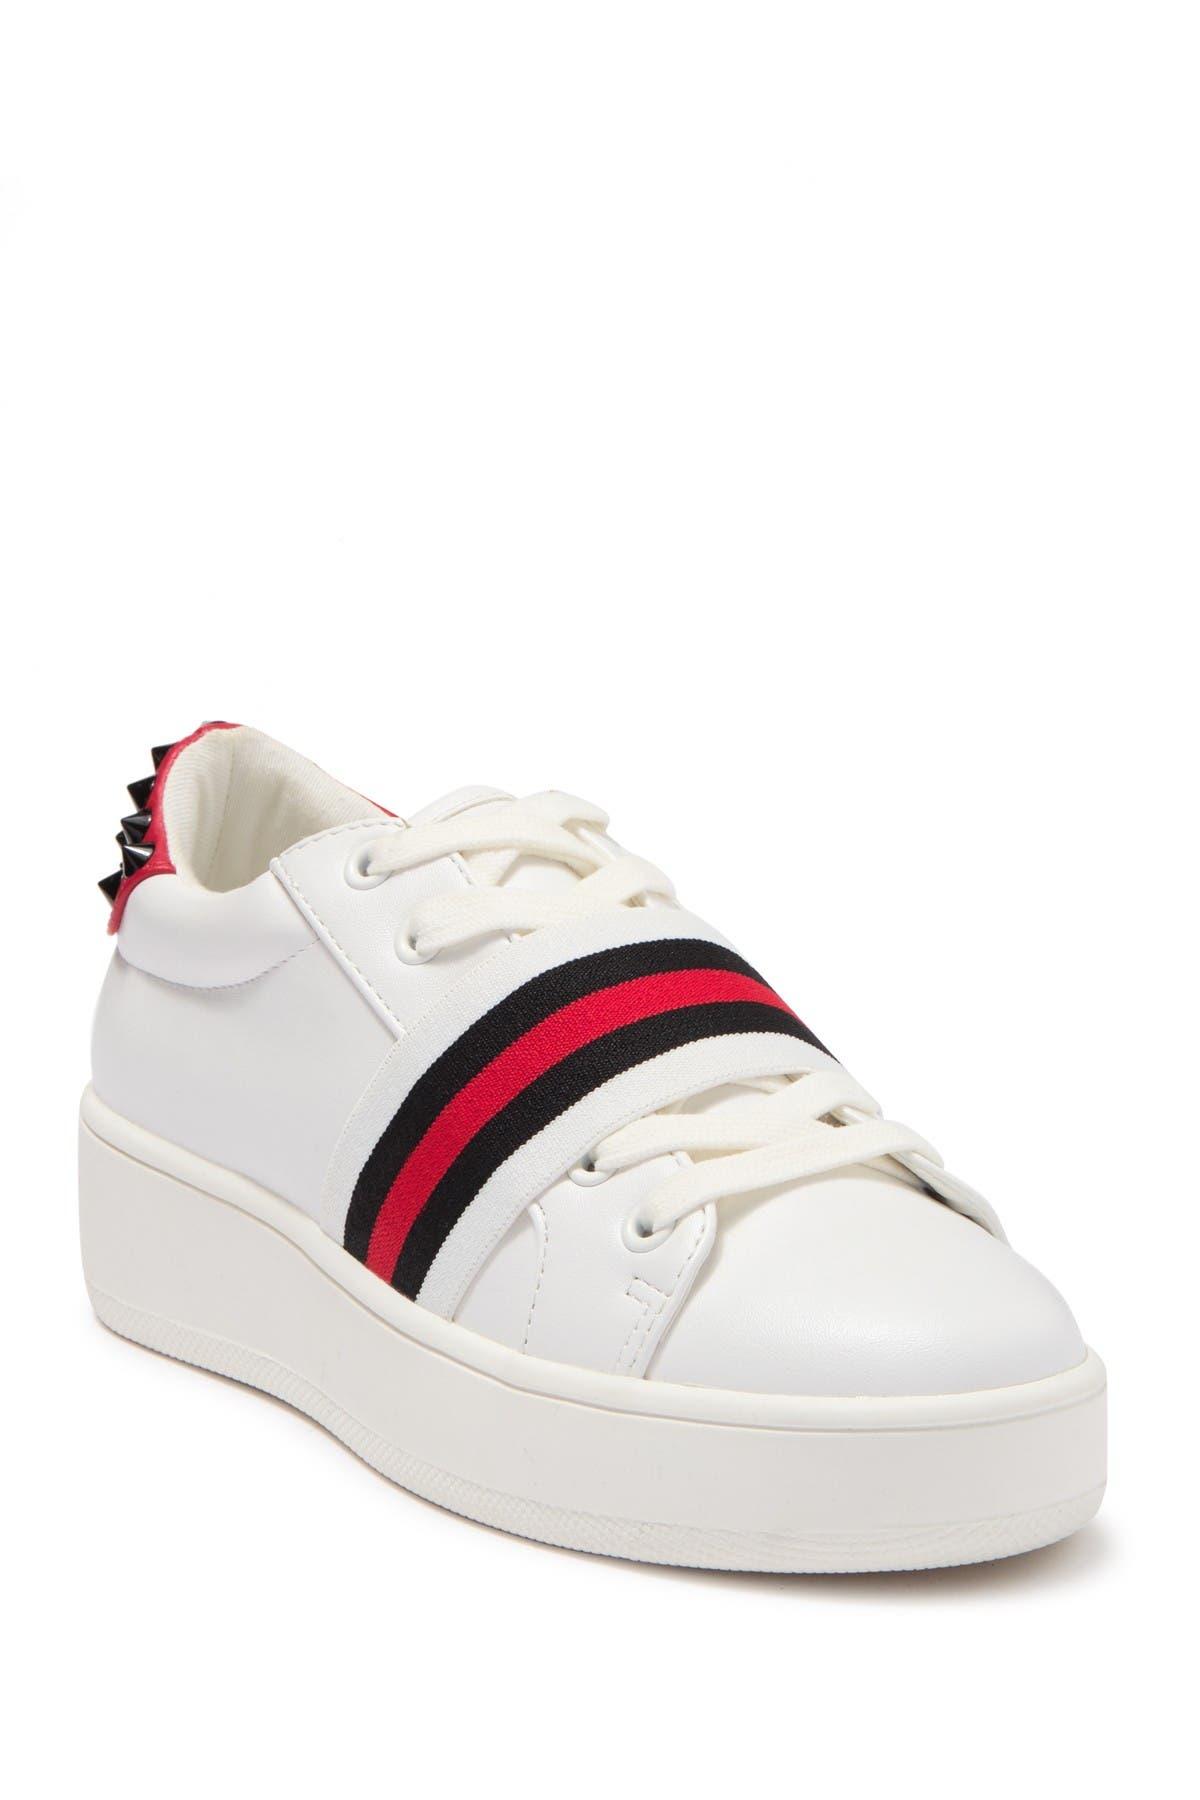 Steve Madden | Becks Sneaker